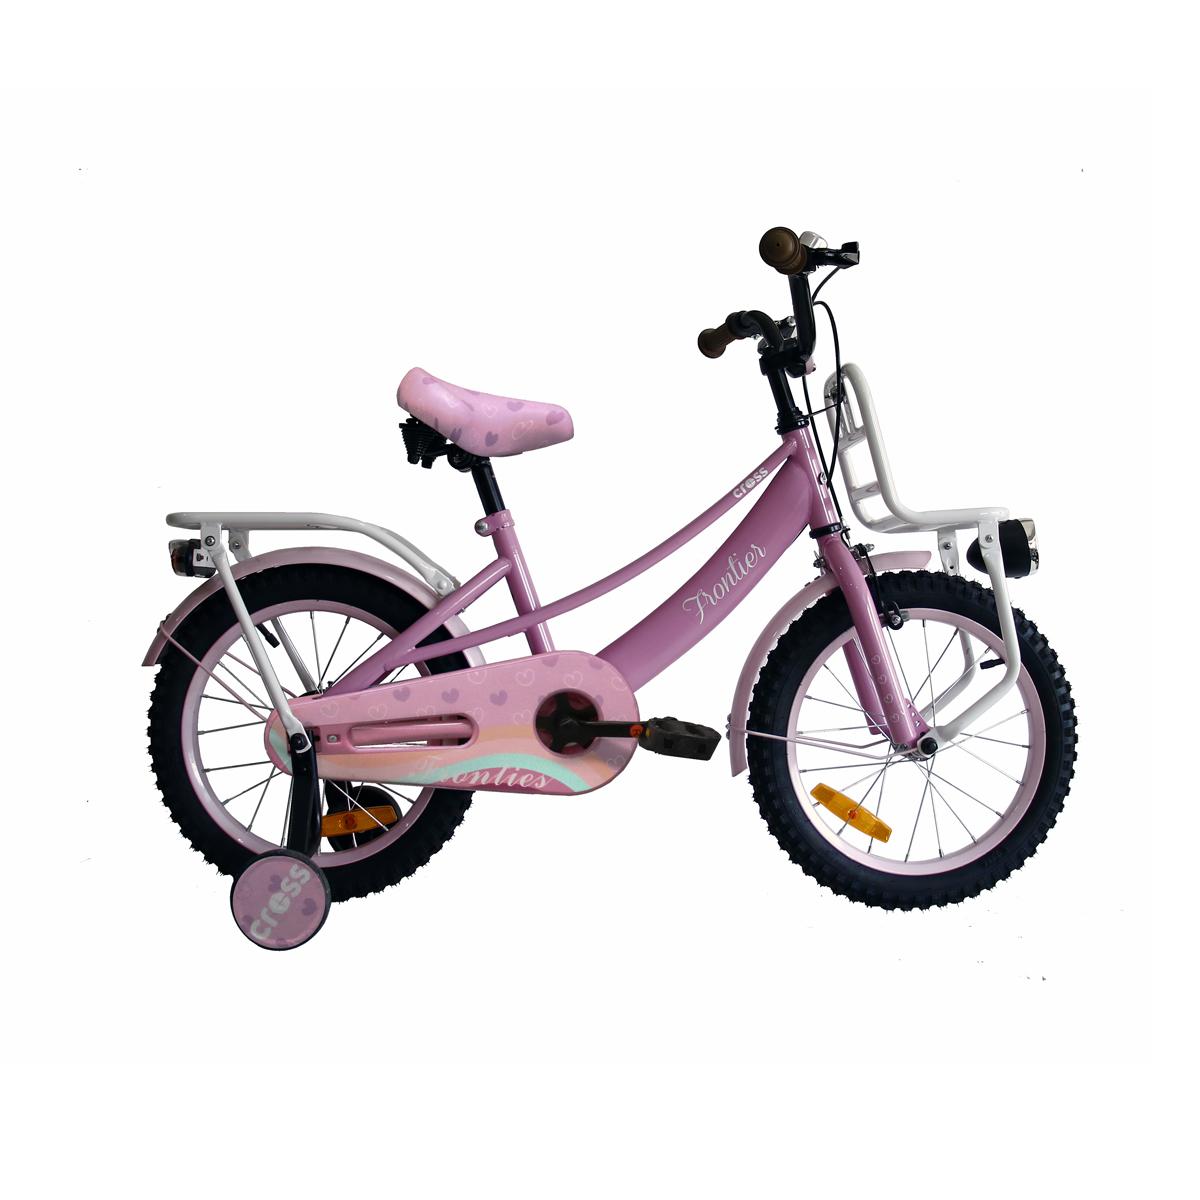 دوچرخه کوهستان کراس مدل Fronties سایز 16